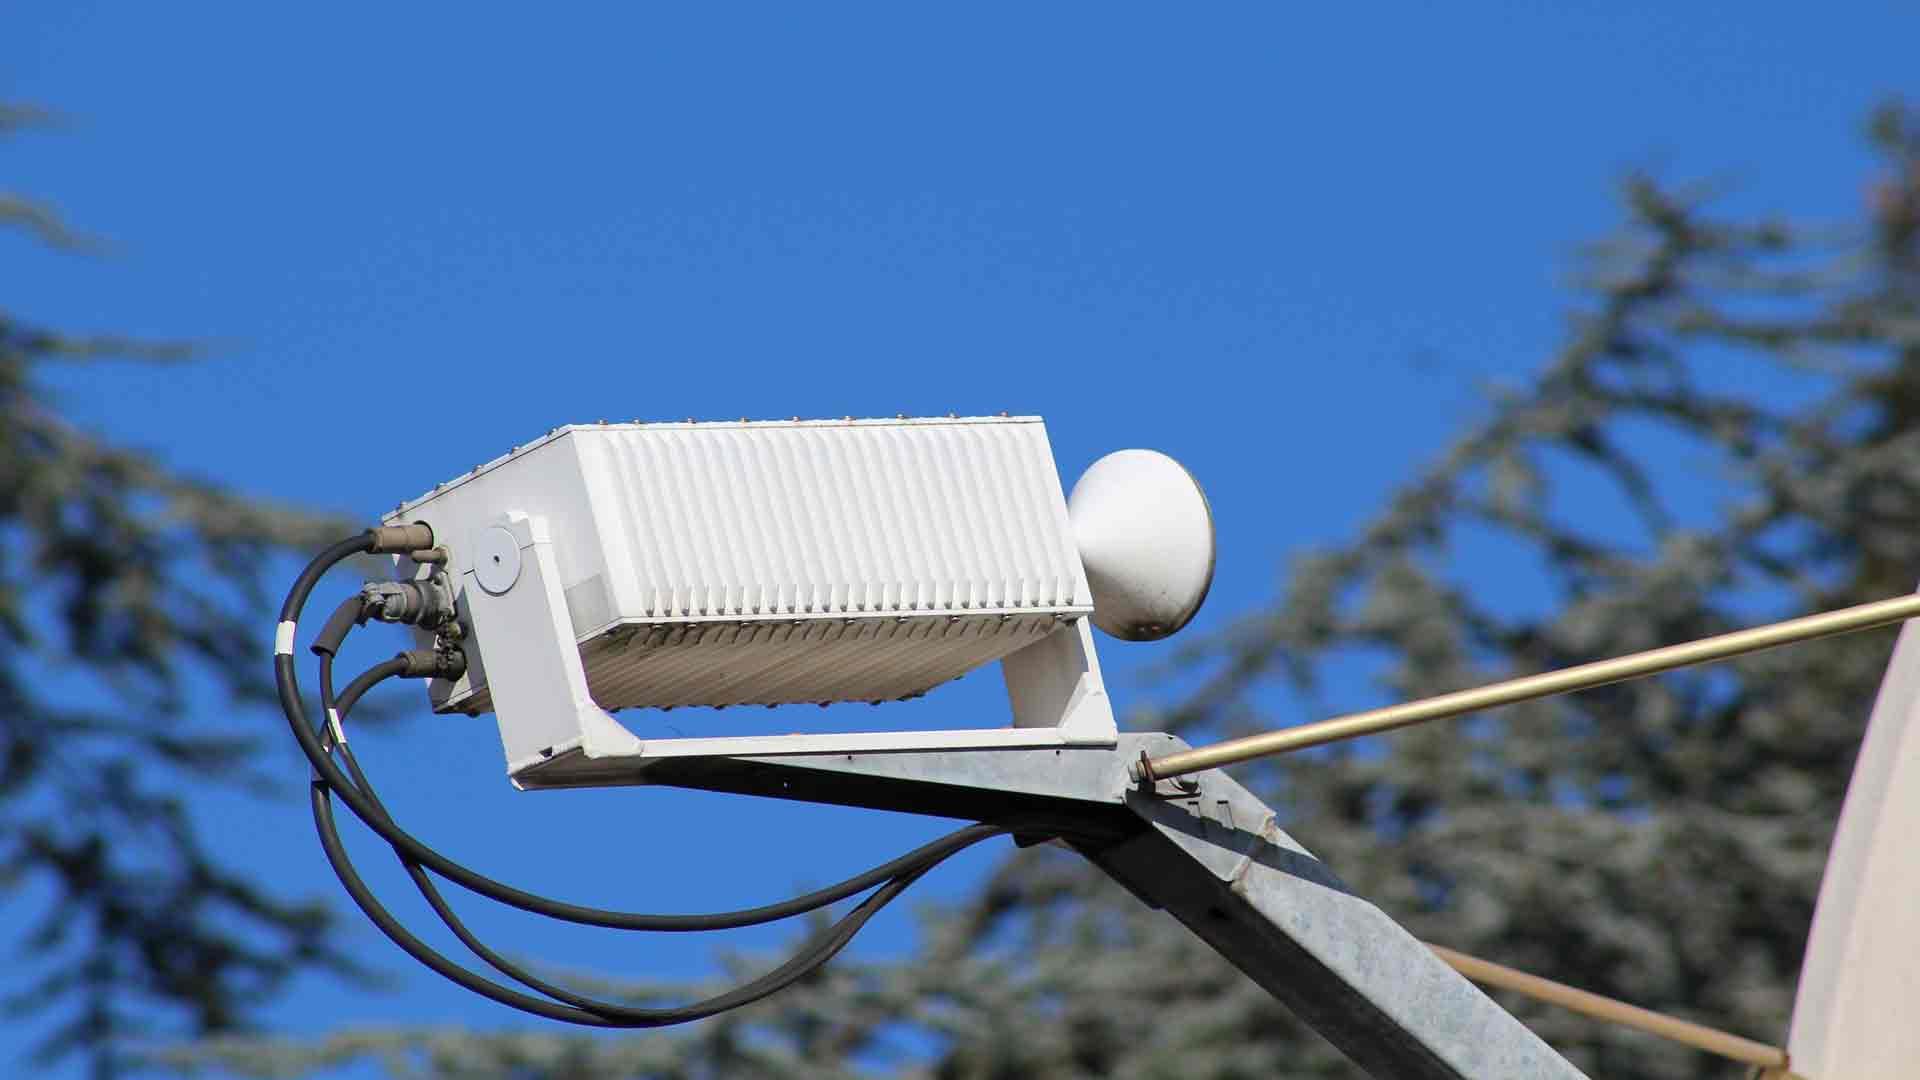 Telecomunicaciones,-una-infraestructura-básica-del-contexto-actual-1920